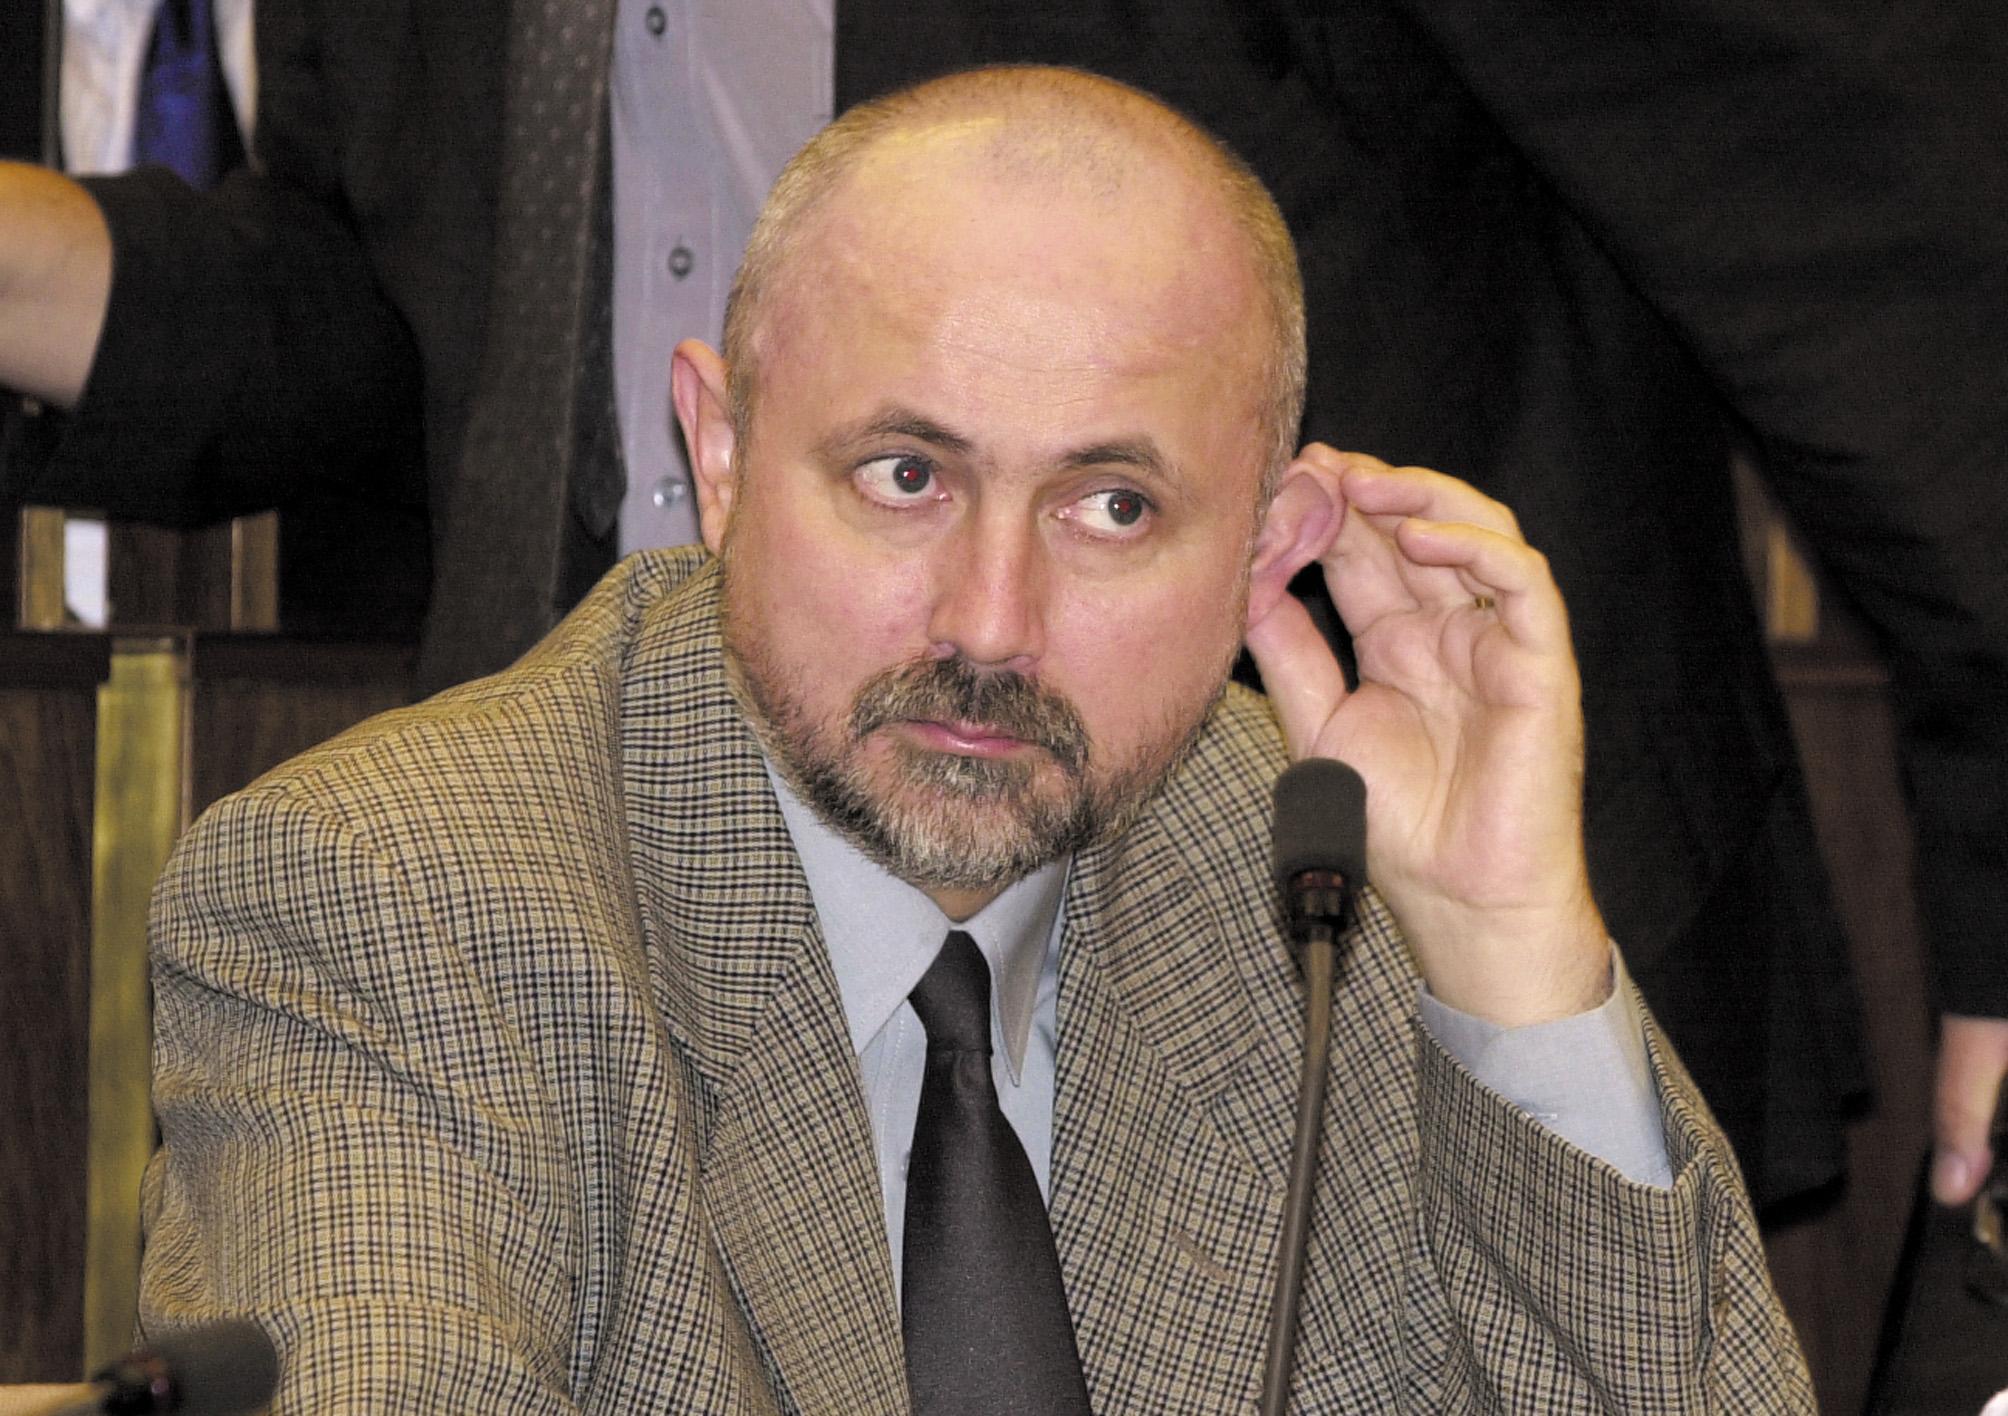 Deviatym rokovacím dòom pokraèovala 57. schôdza Národnej rady SR (NR SR) 5. apríla 2002. Na sn. poslanec HZDS Peter Bròák. Foto: Ivan Majerský/TASR